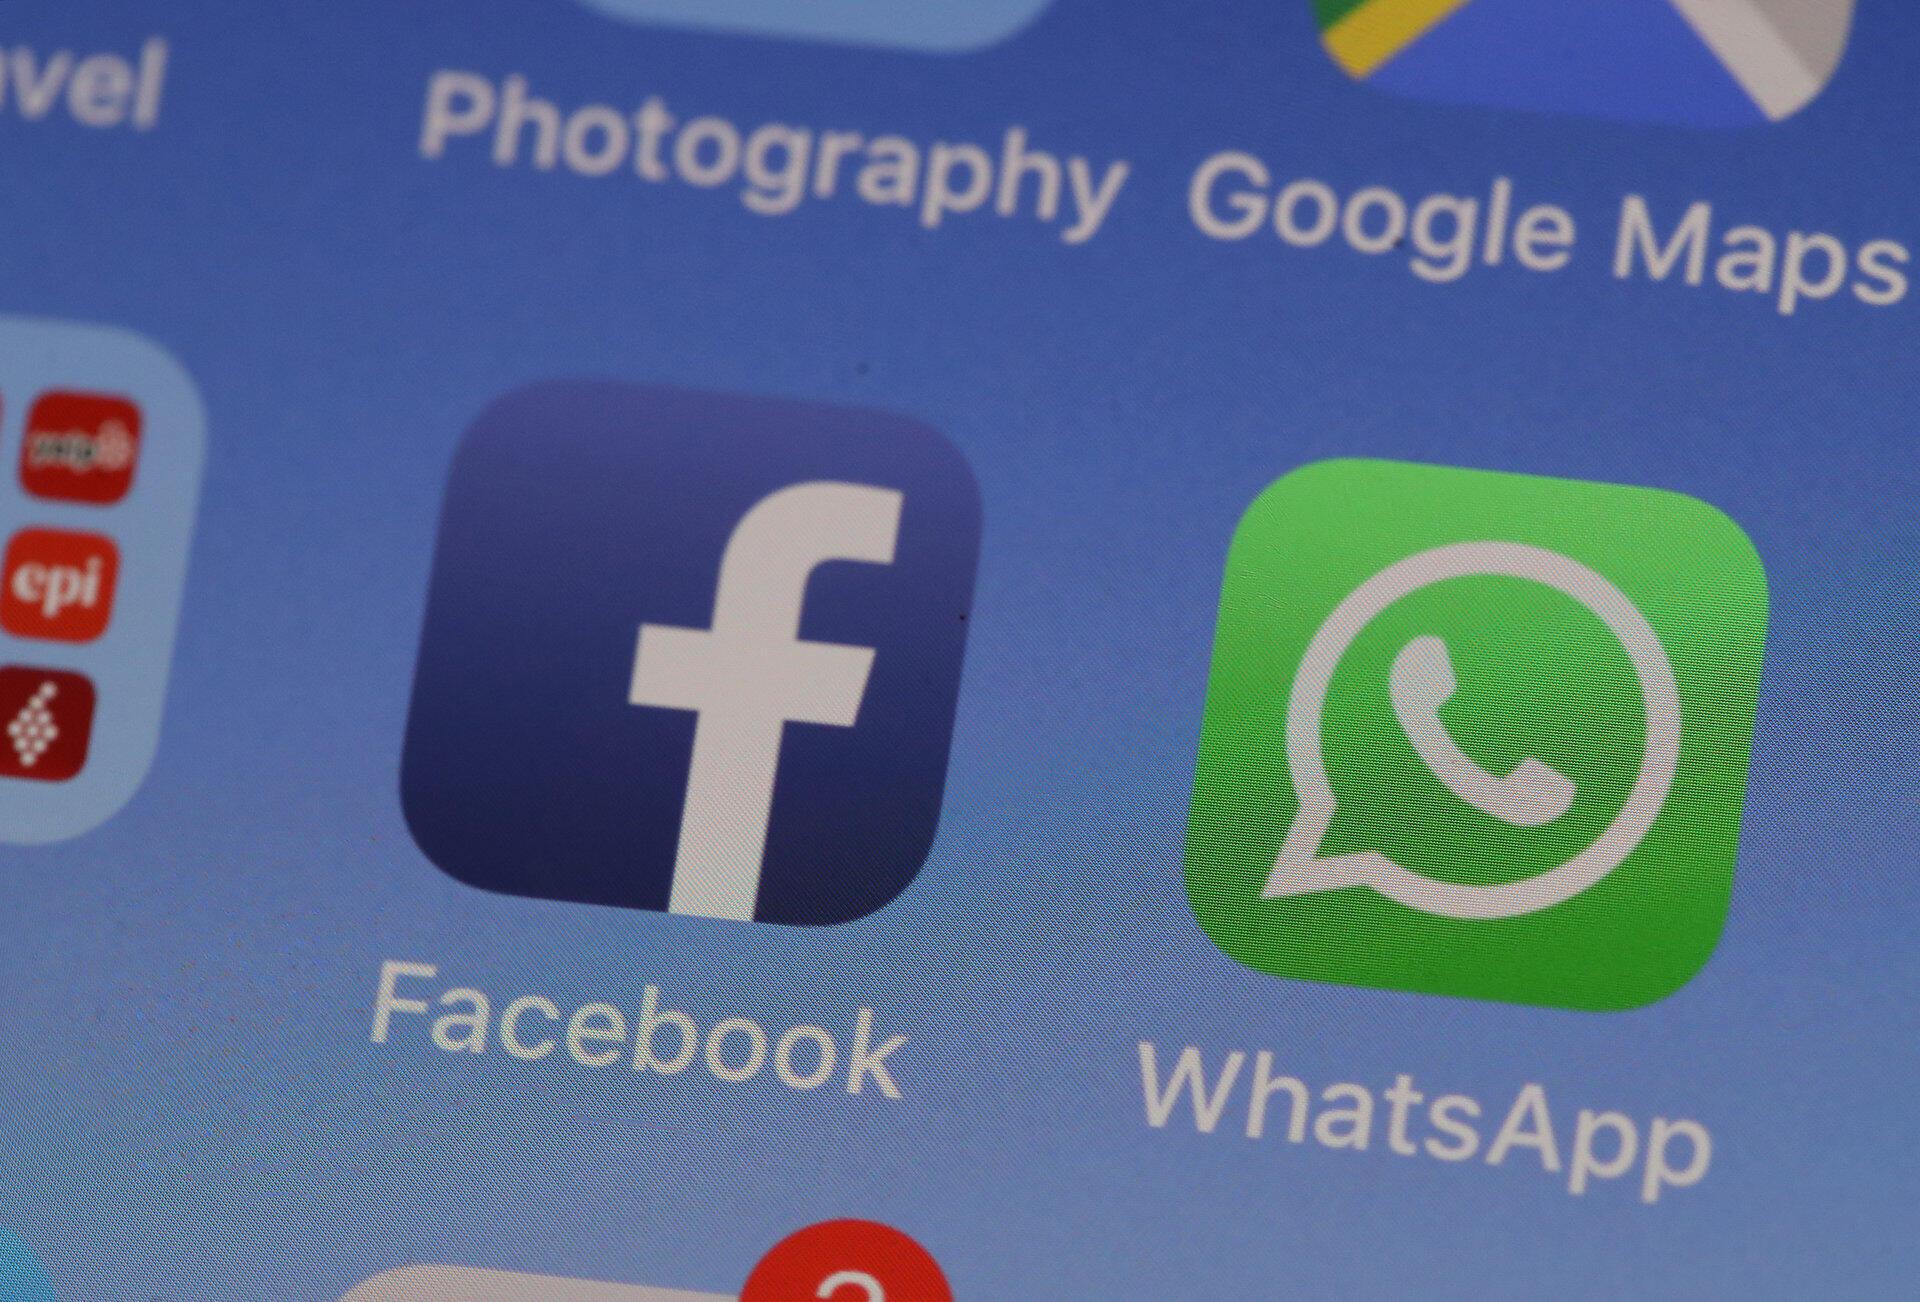 Facebook kuanza kupambana na Habari za uwongo «fake news» barani Afrika.